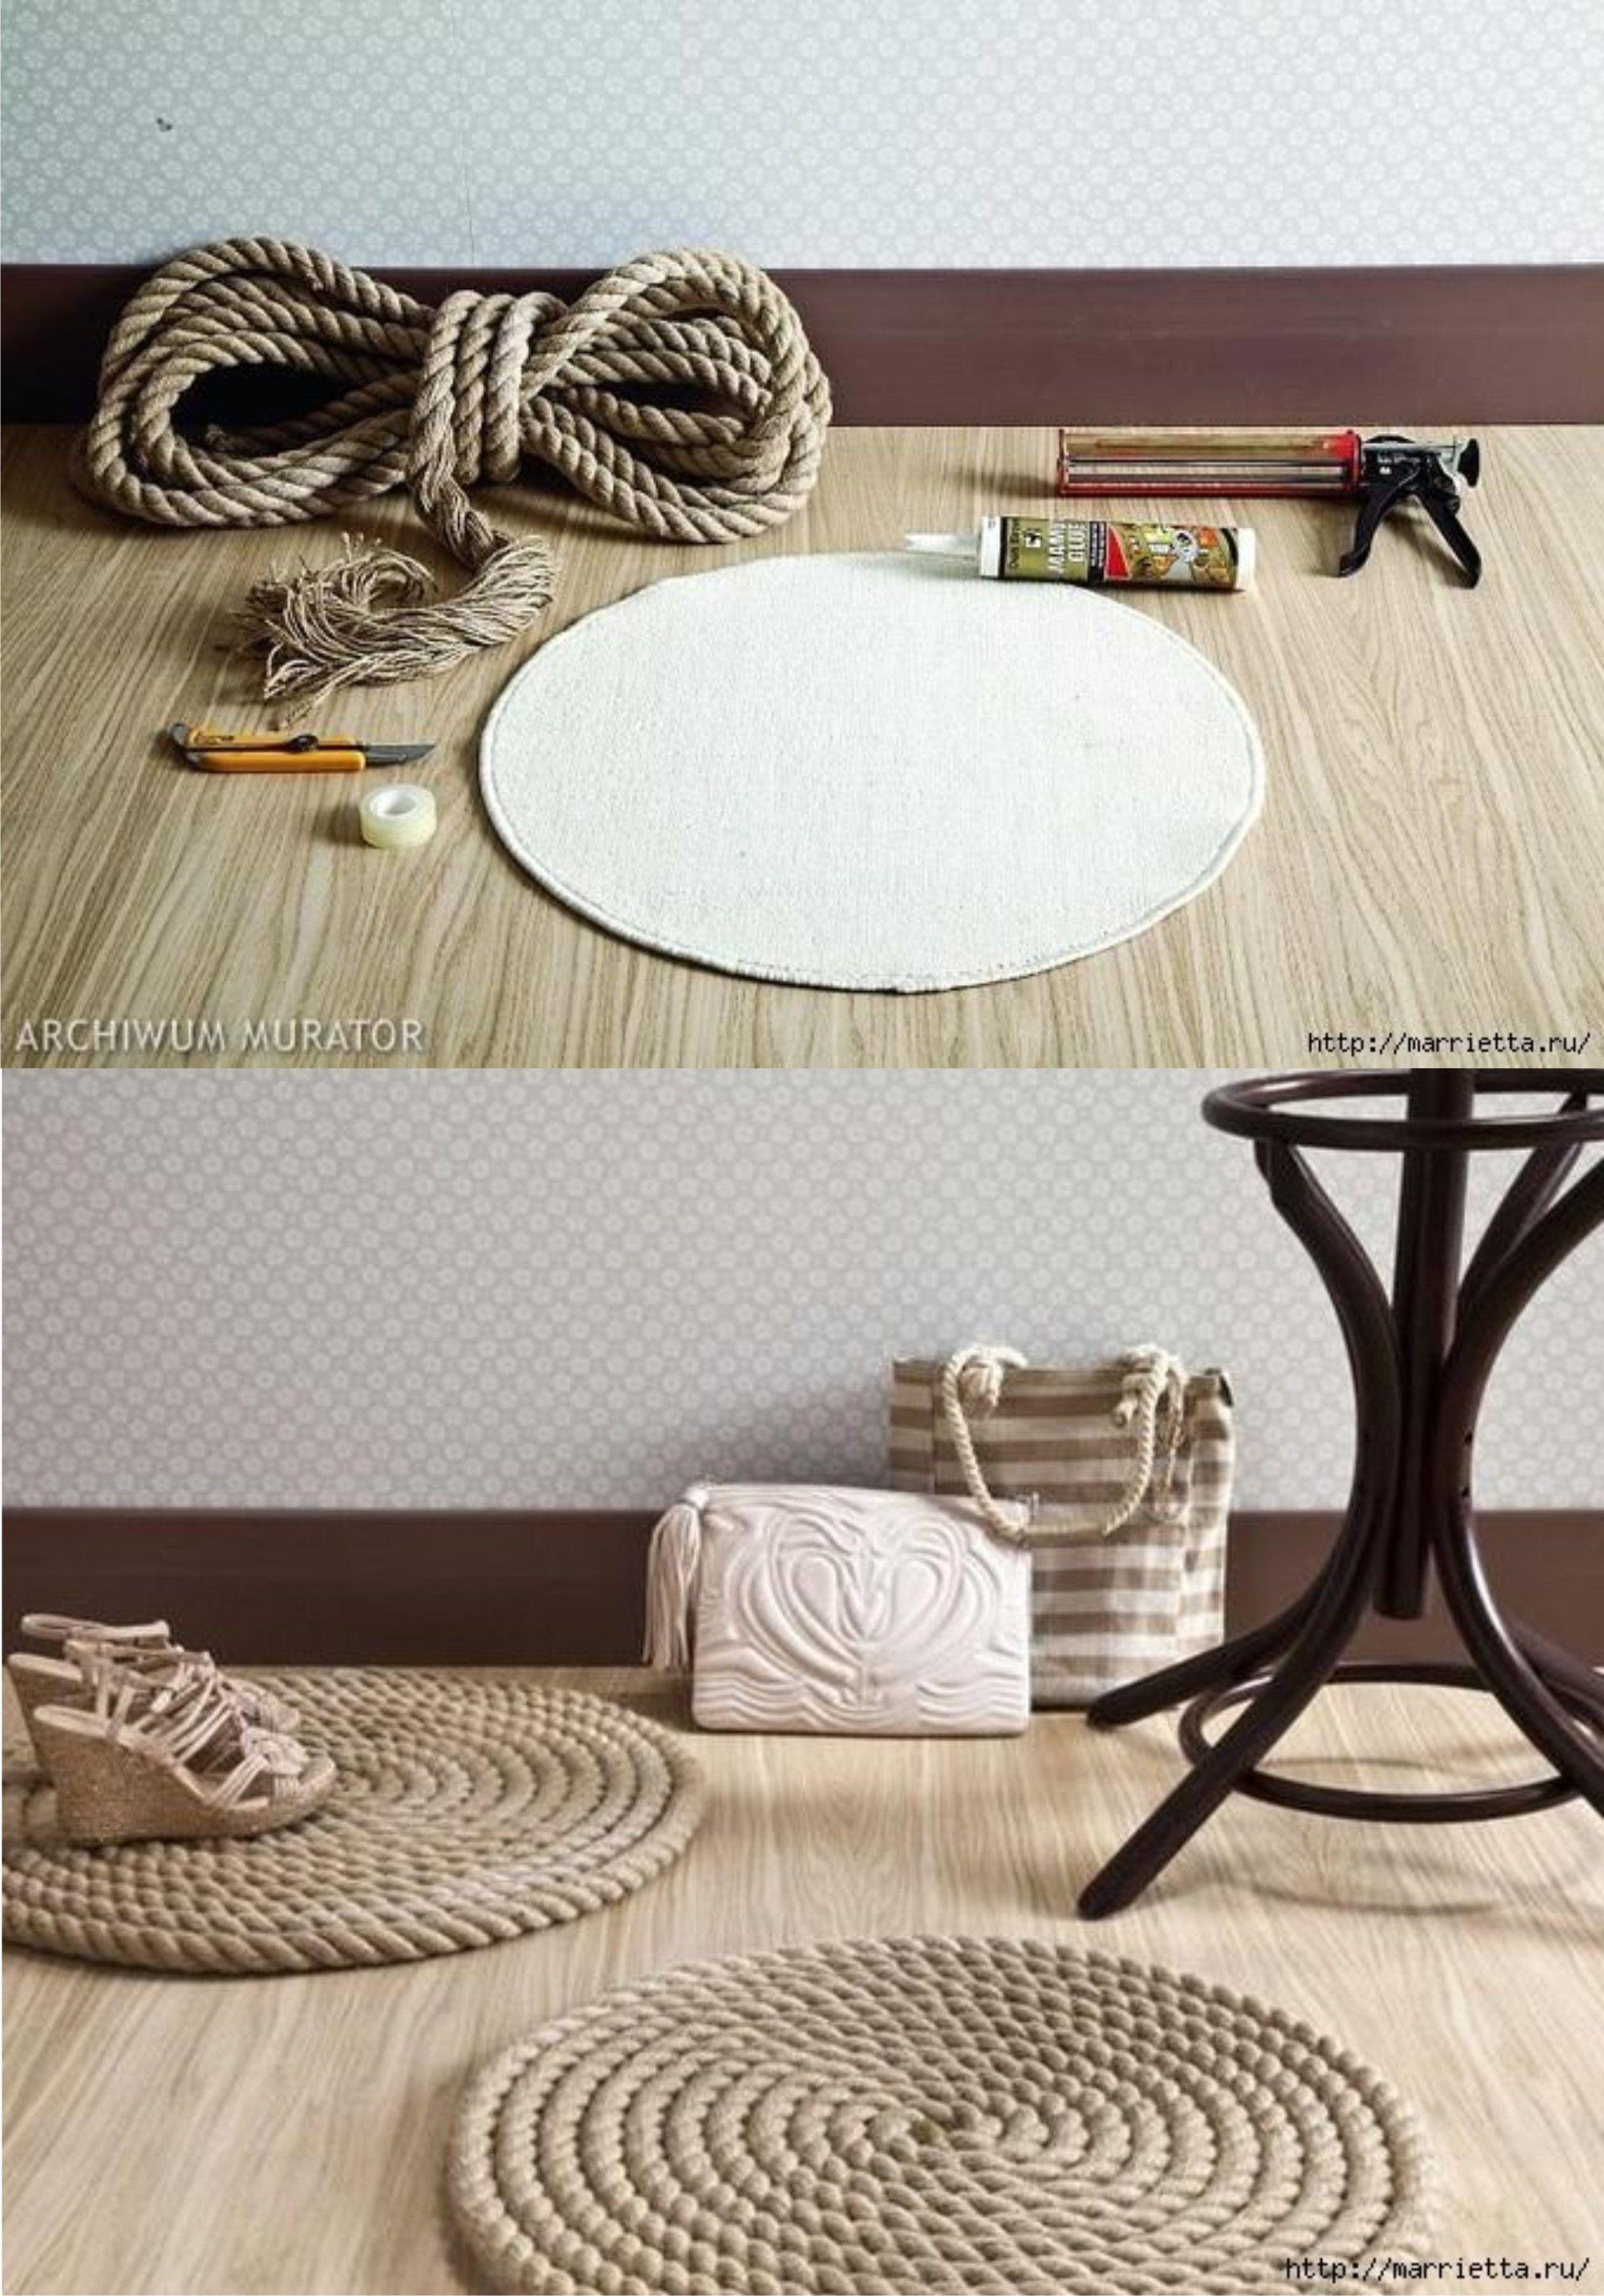 Alfombra diy con cuerda cabo alfombras y bricolaje - Alfombras para bano ...